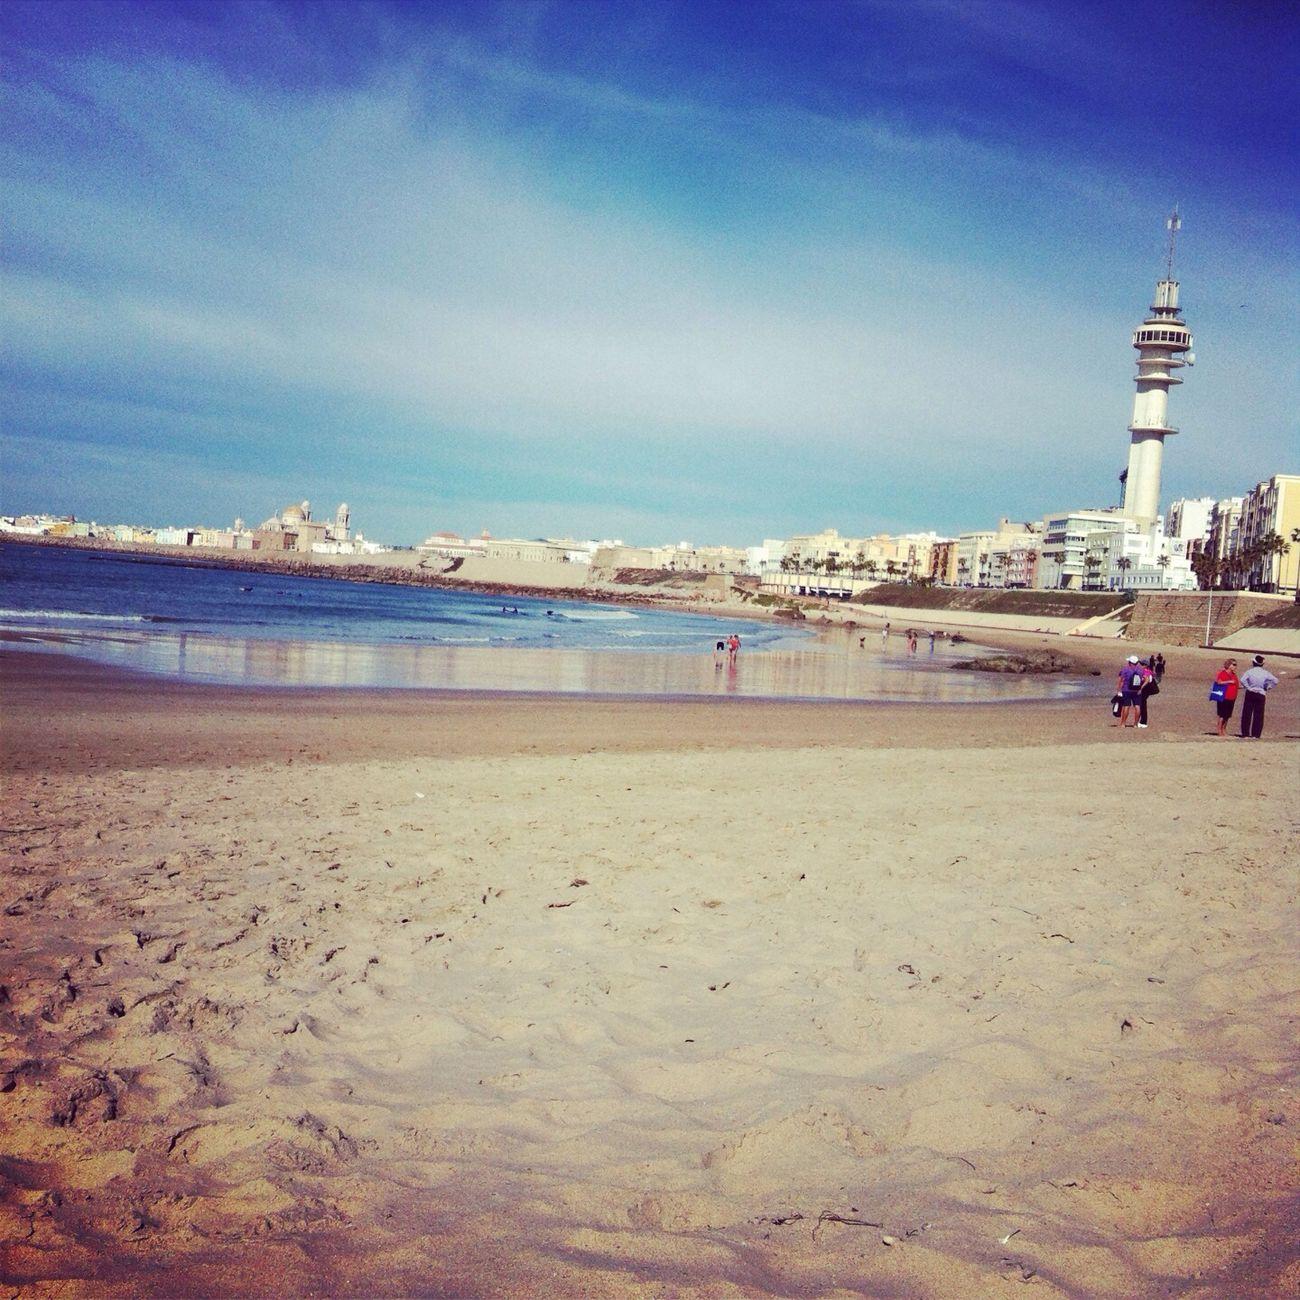 Paseos por la playa Playa Victoria Cadiz Andalucía SPAIN